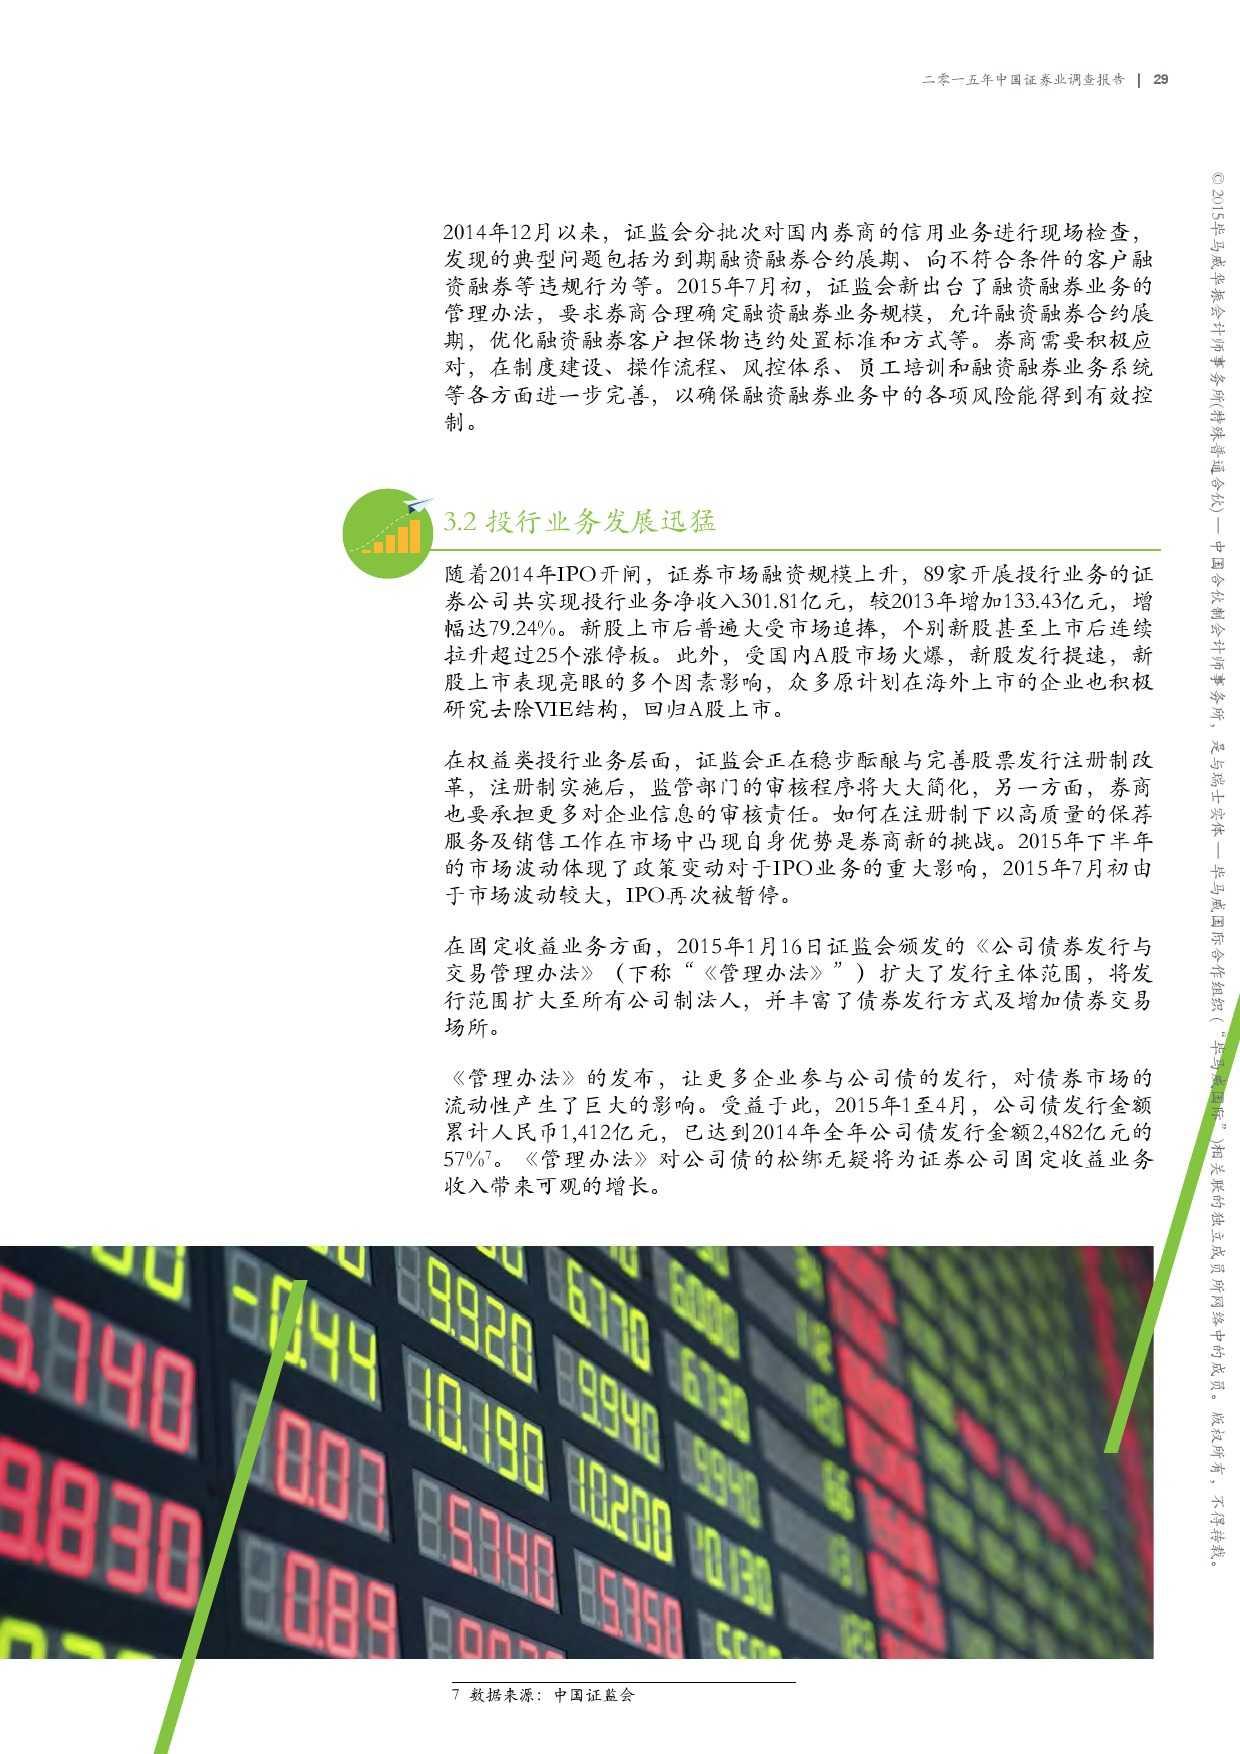 毕马威:2015年中国证券业调查报告_000031